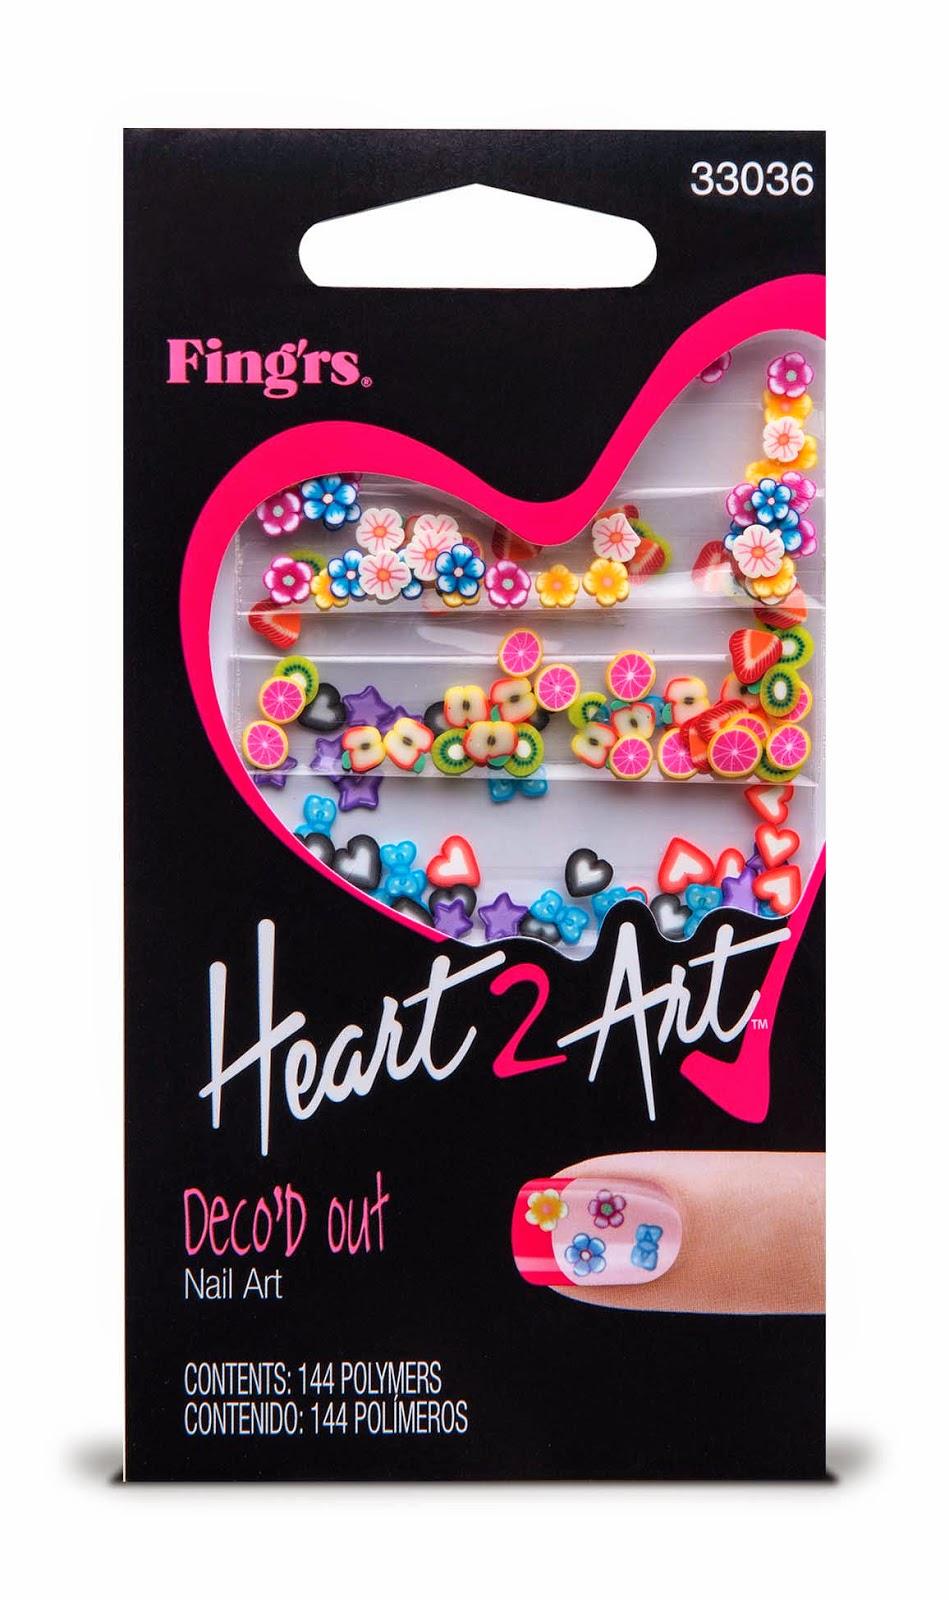 Heart2Art - Deco'D out!